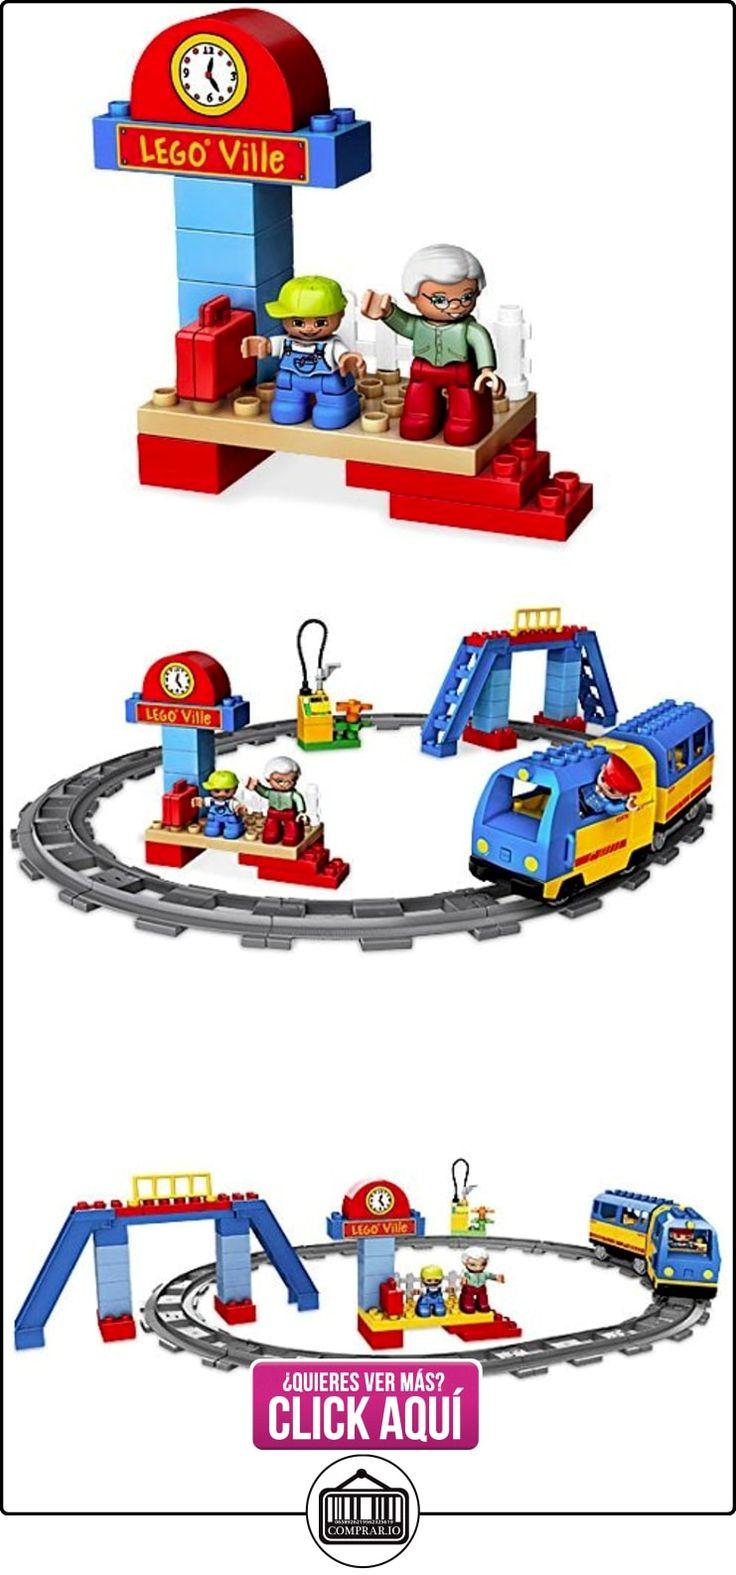 LEGO 5608 Duplo - Juego de tren (paquete de inicio, 68 piezas)  ✿ Lego - el surtido más amplio ✿ ▬► Ver oferta: https://comprar.io/goto/B00471XIZW